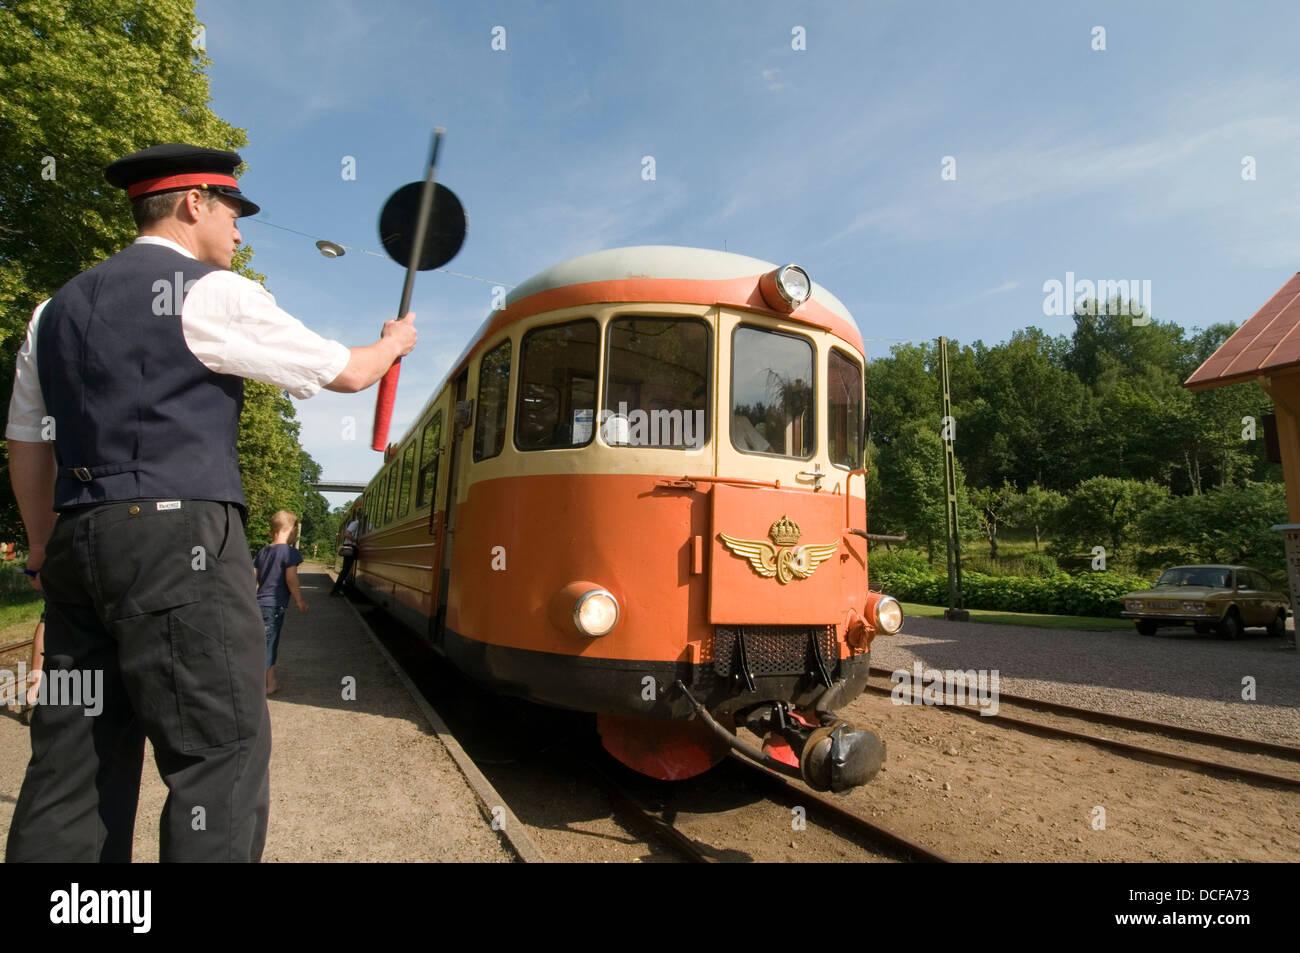 schwedische Eisenbahn Eisenbahn Guard Wachen Bahnhof Regionalbahn Züge Schweden Sommer Sommer Plattform Stockbild